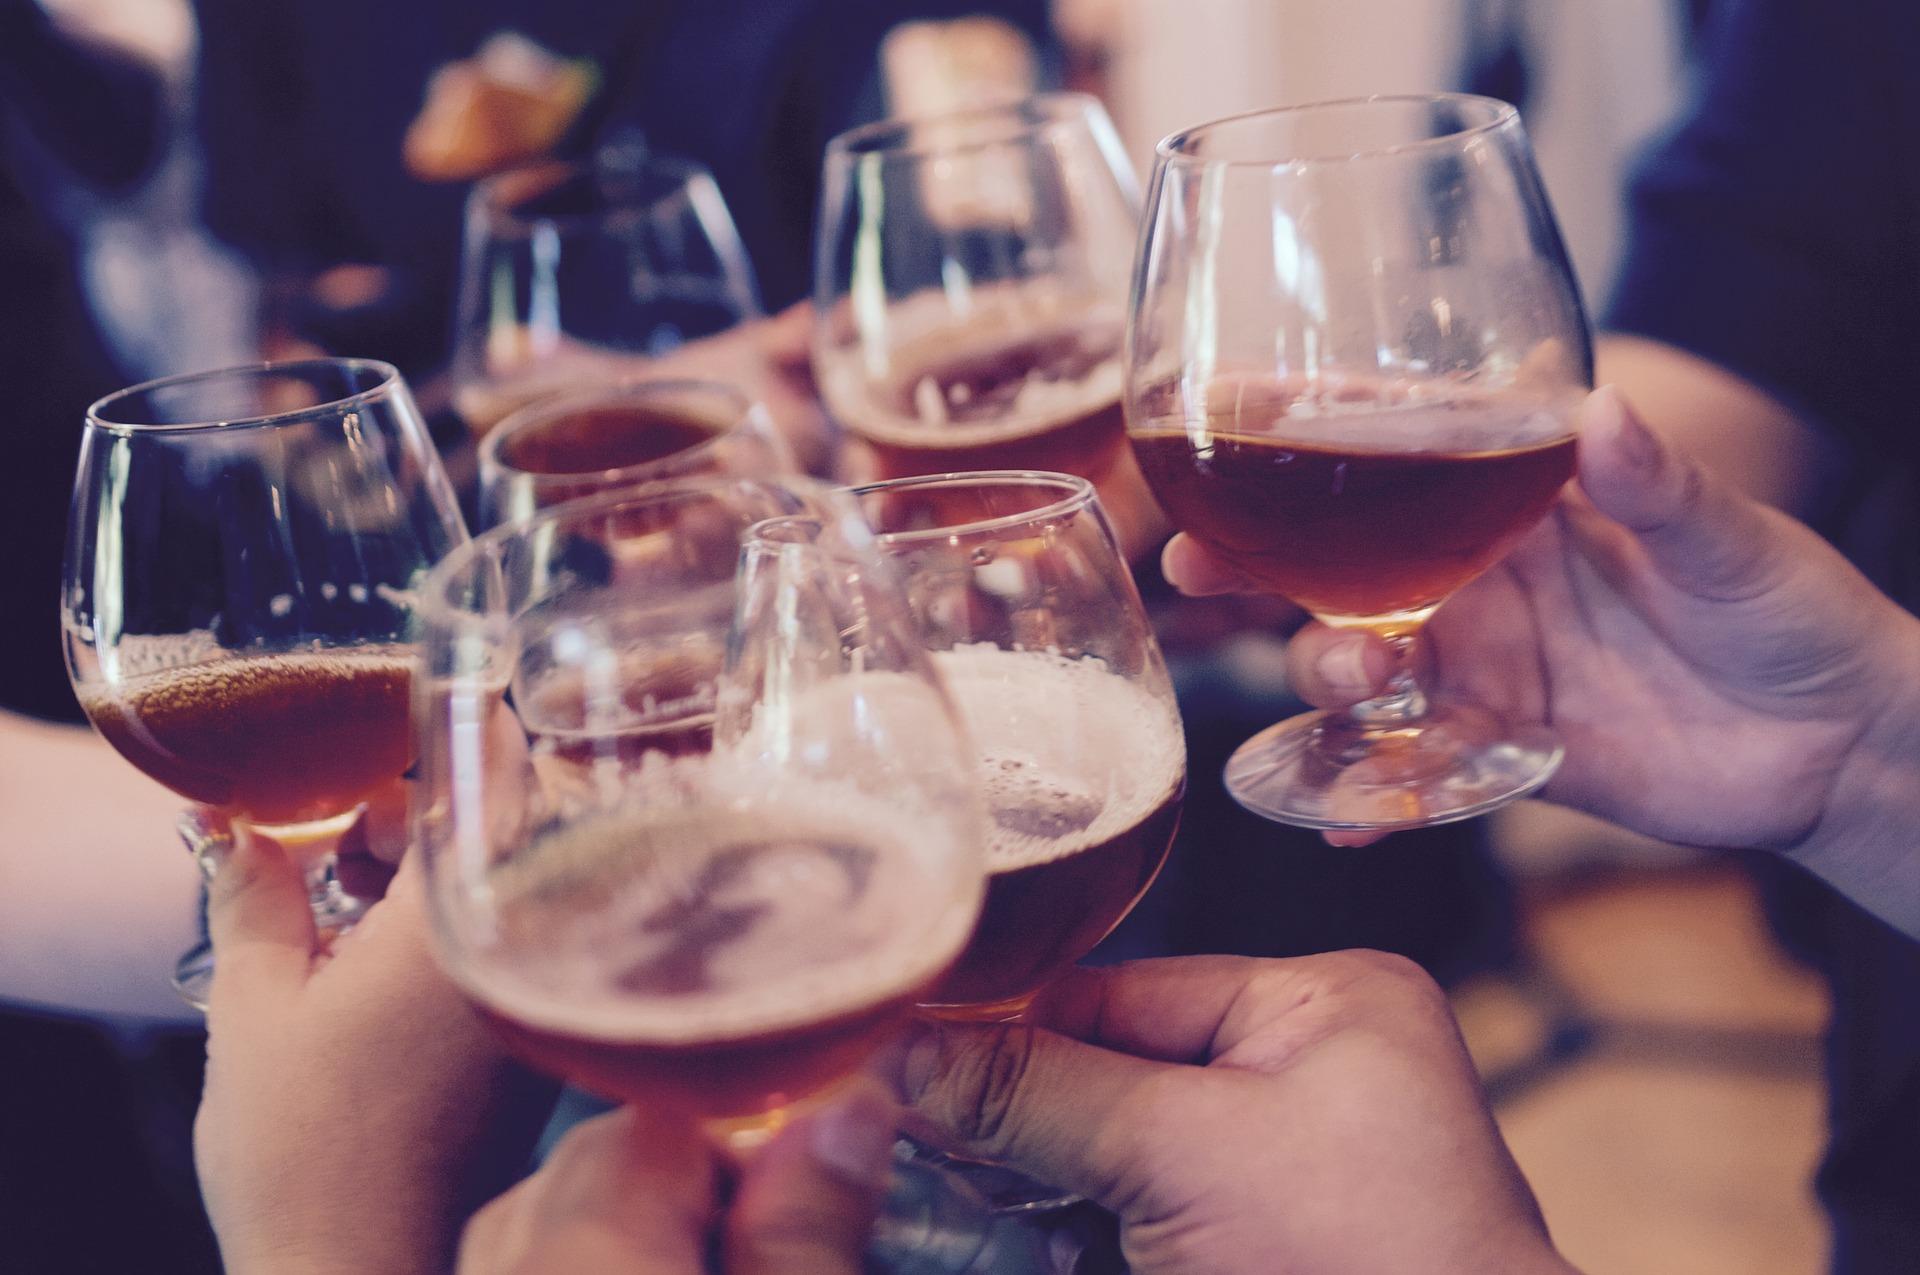 Jak rozpoznać nawrót choroby alkoholiwej?